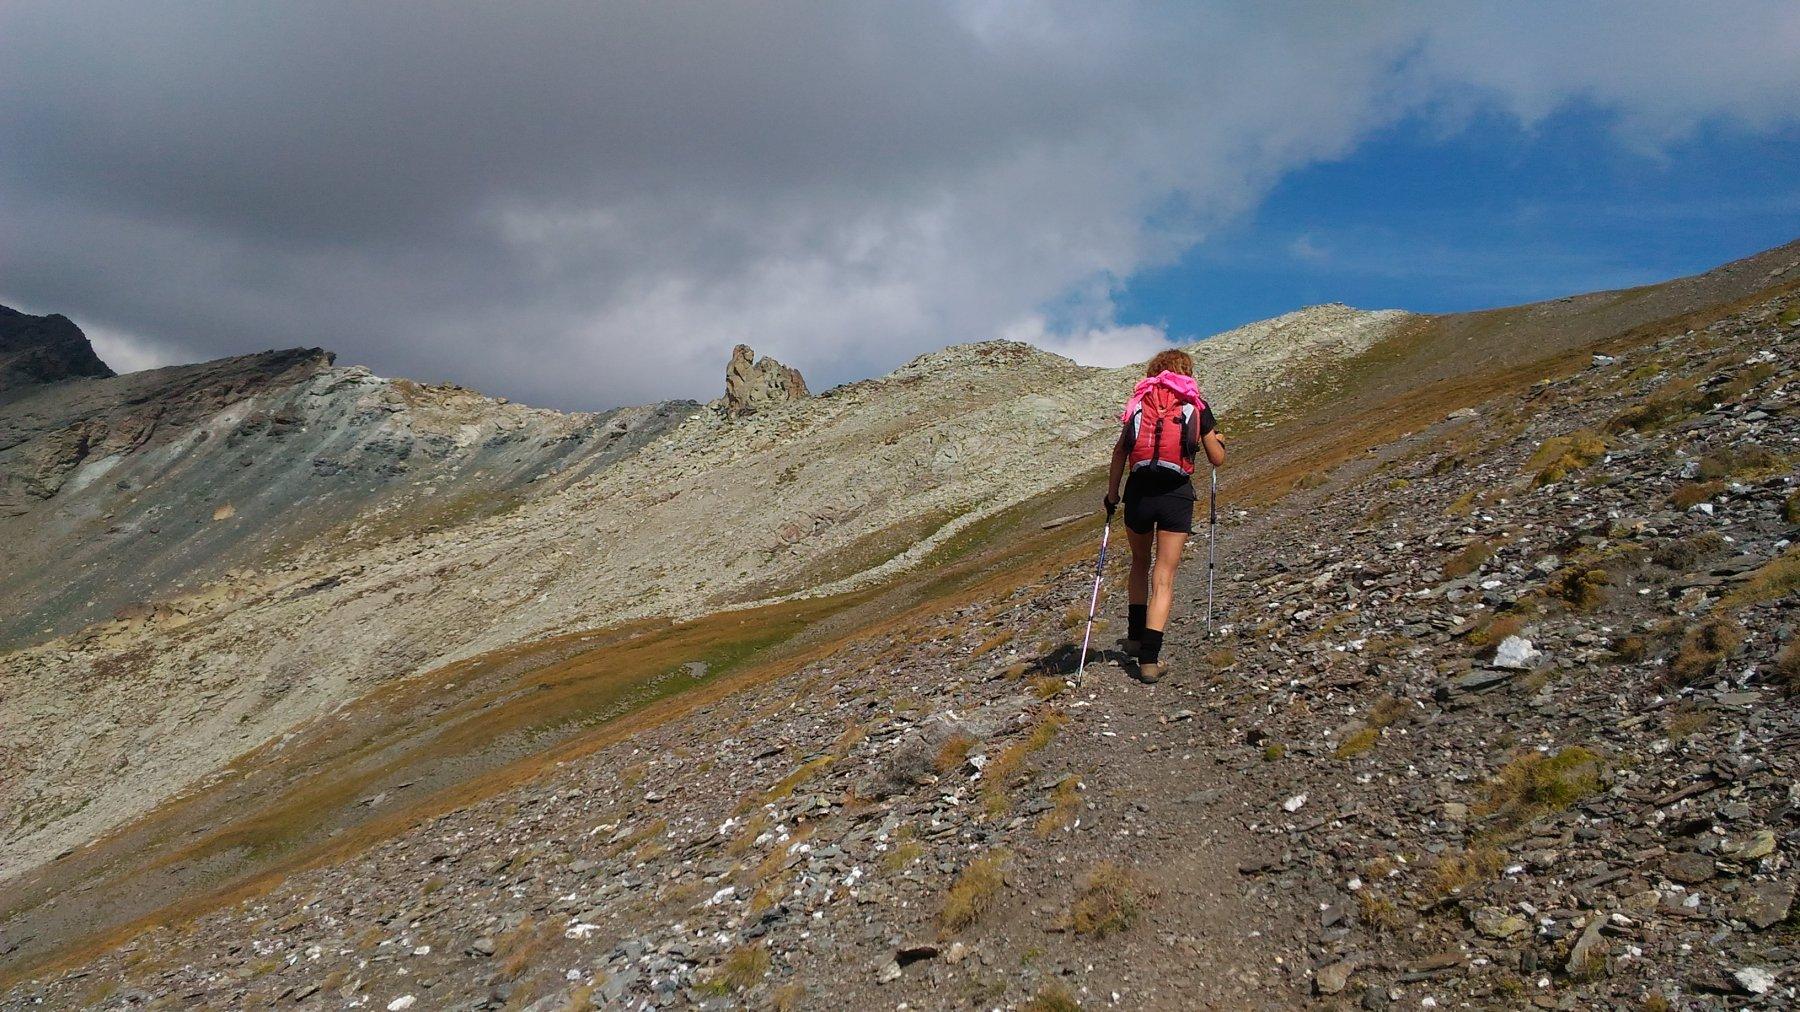 verso il colle dell'Agnello, con sullo sfondo il Gros Muttet e l'anticima della Rocca